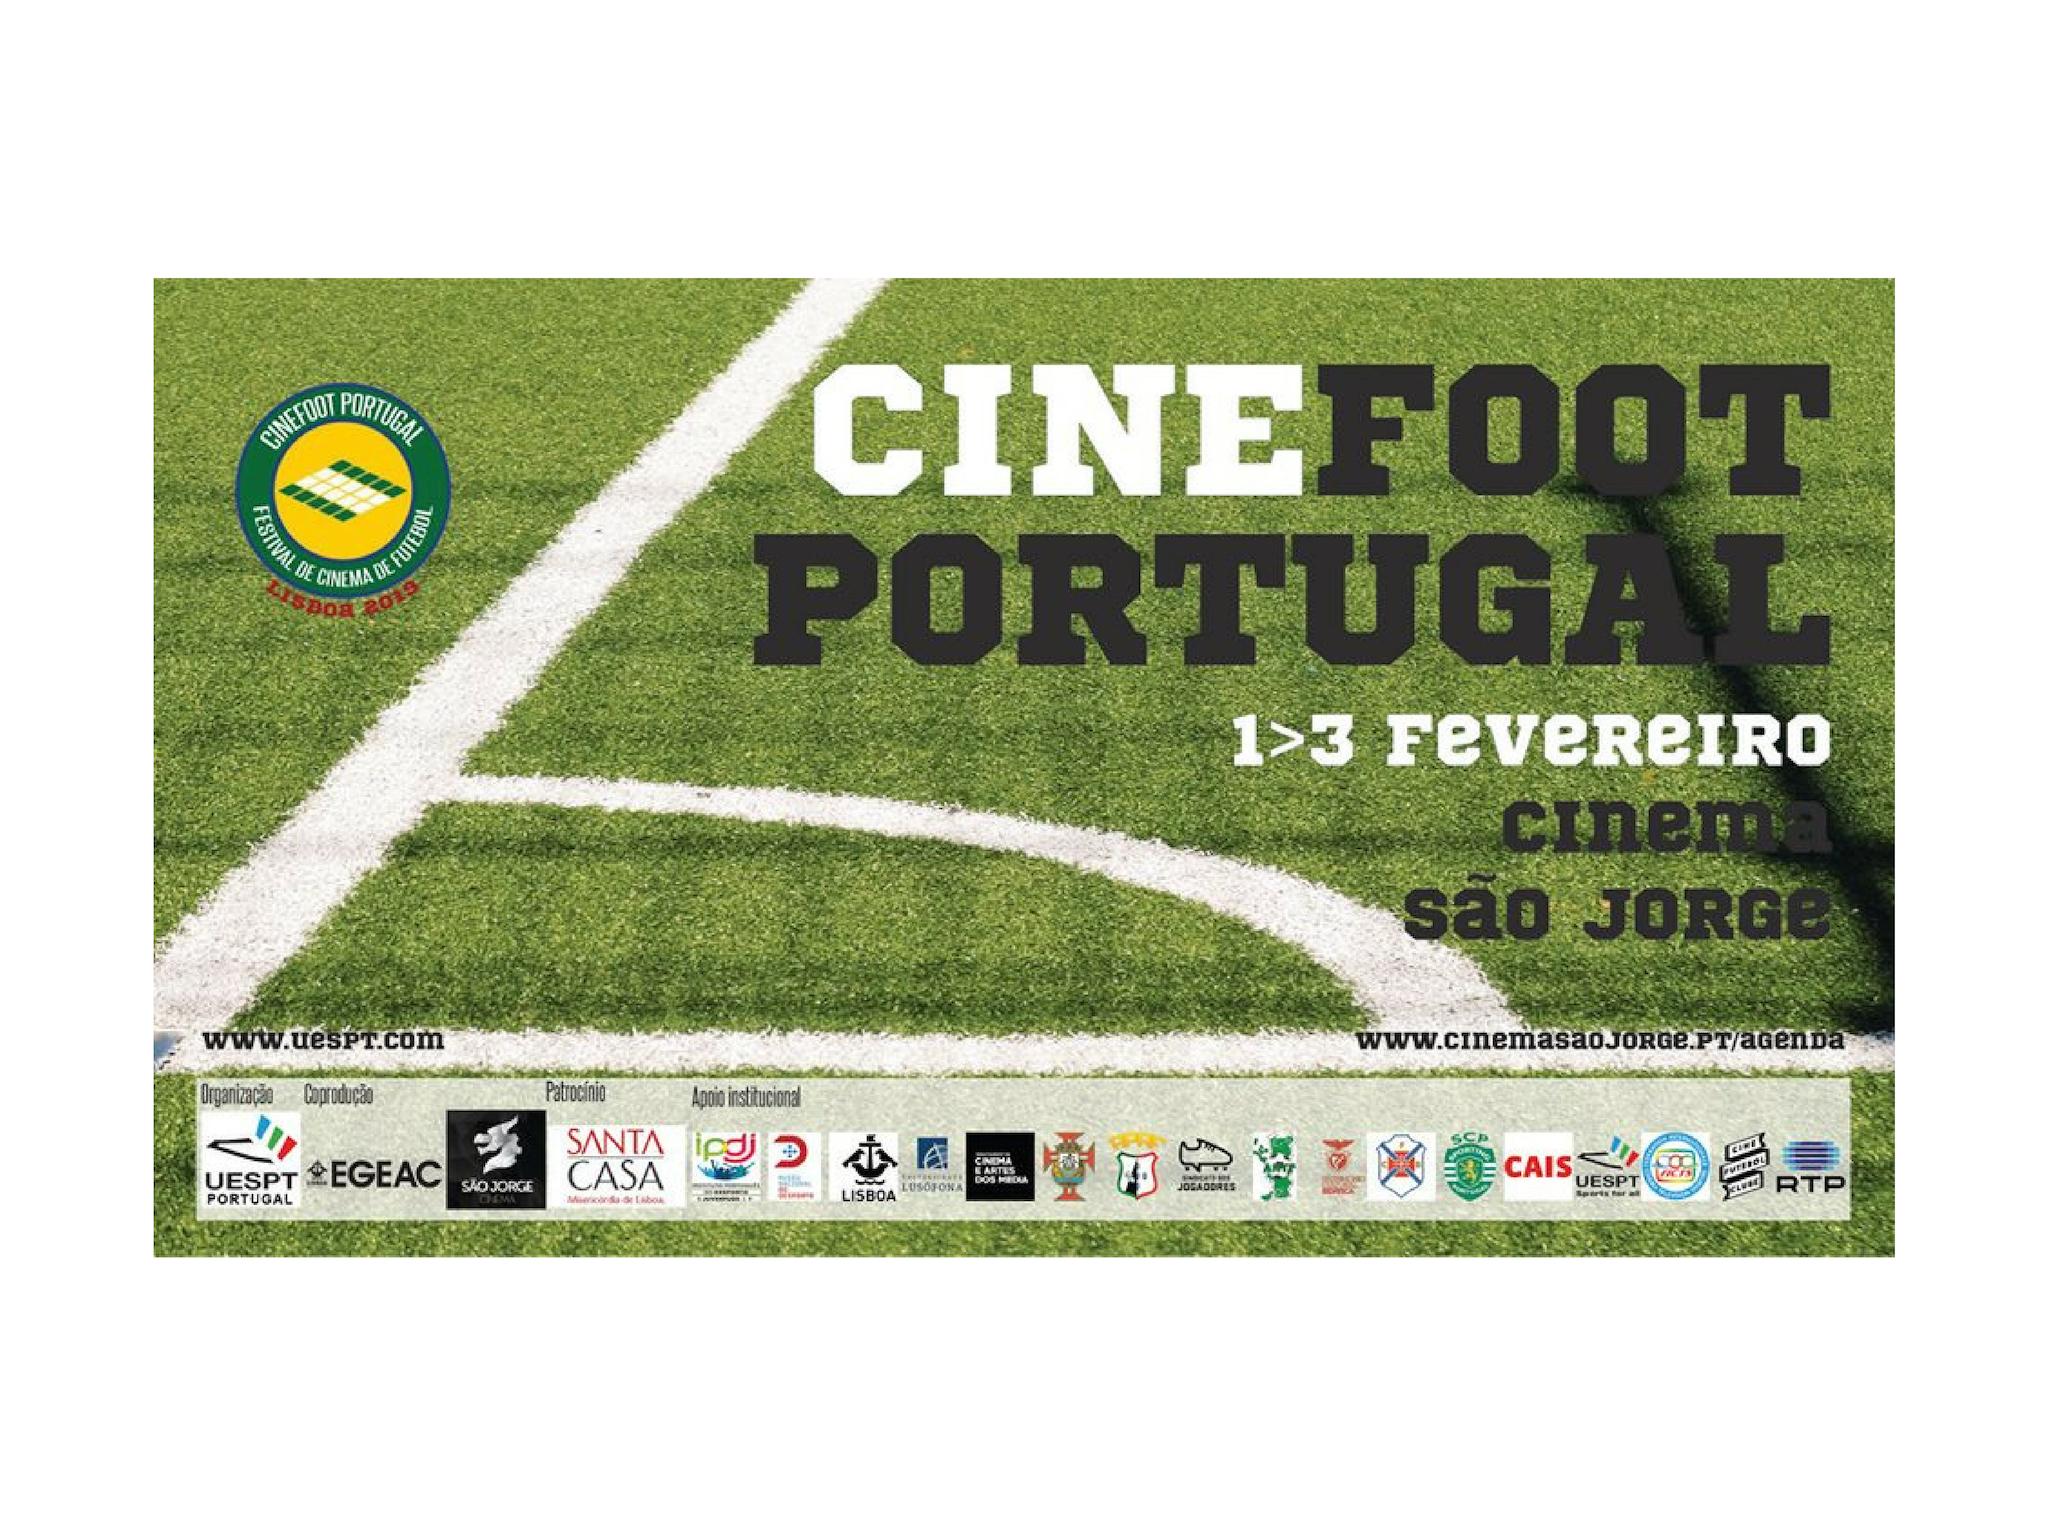 CINEFOOT PORTUGAL - 1 A 3 DE FEVEREIRO